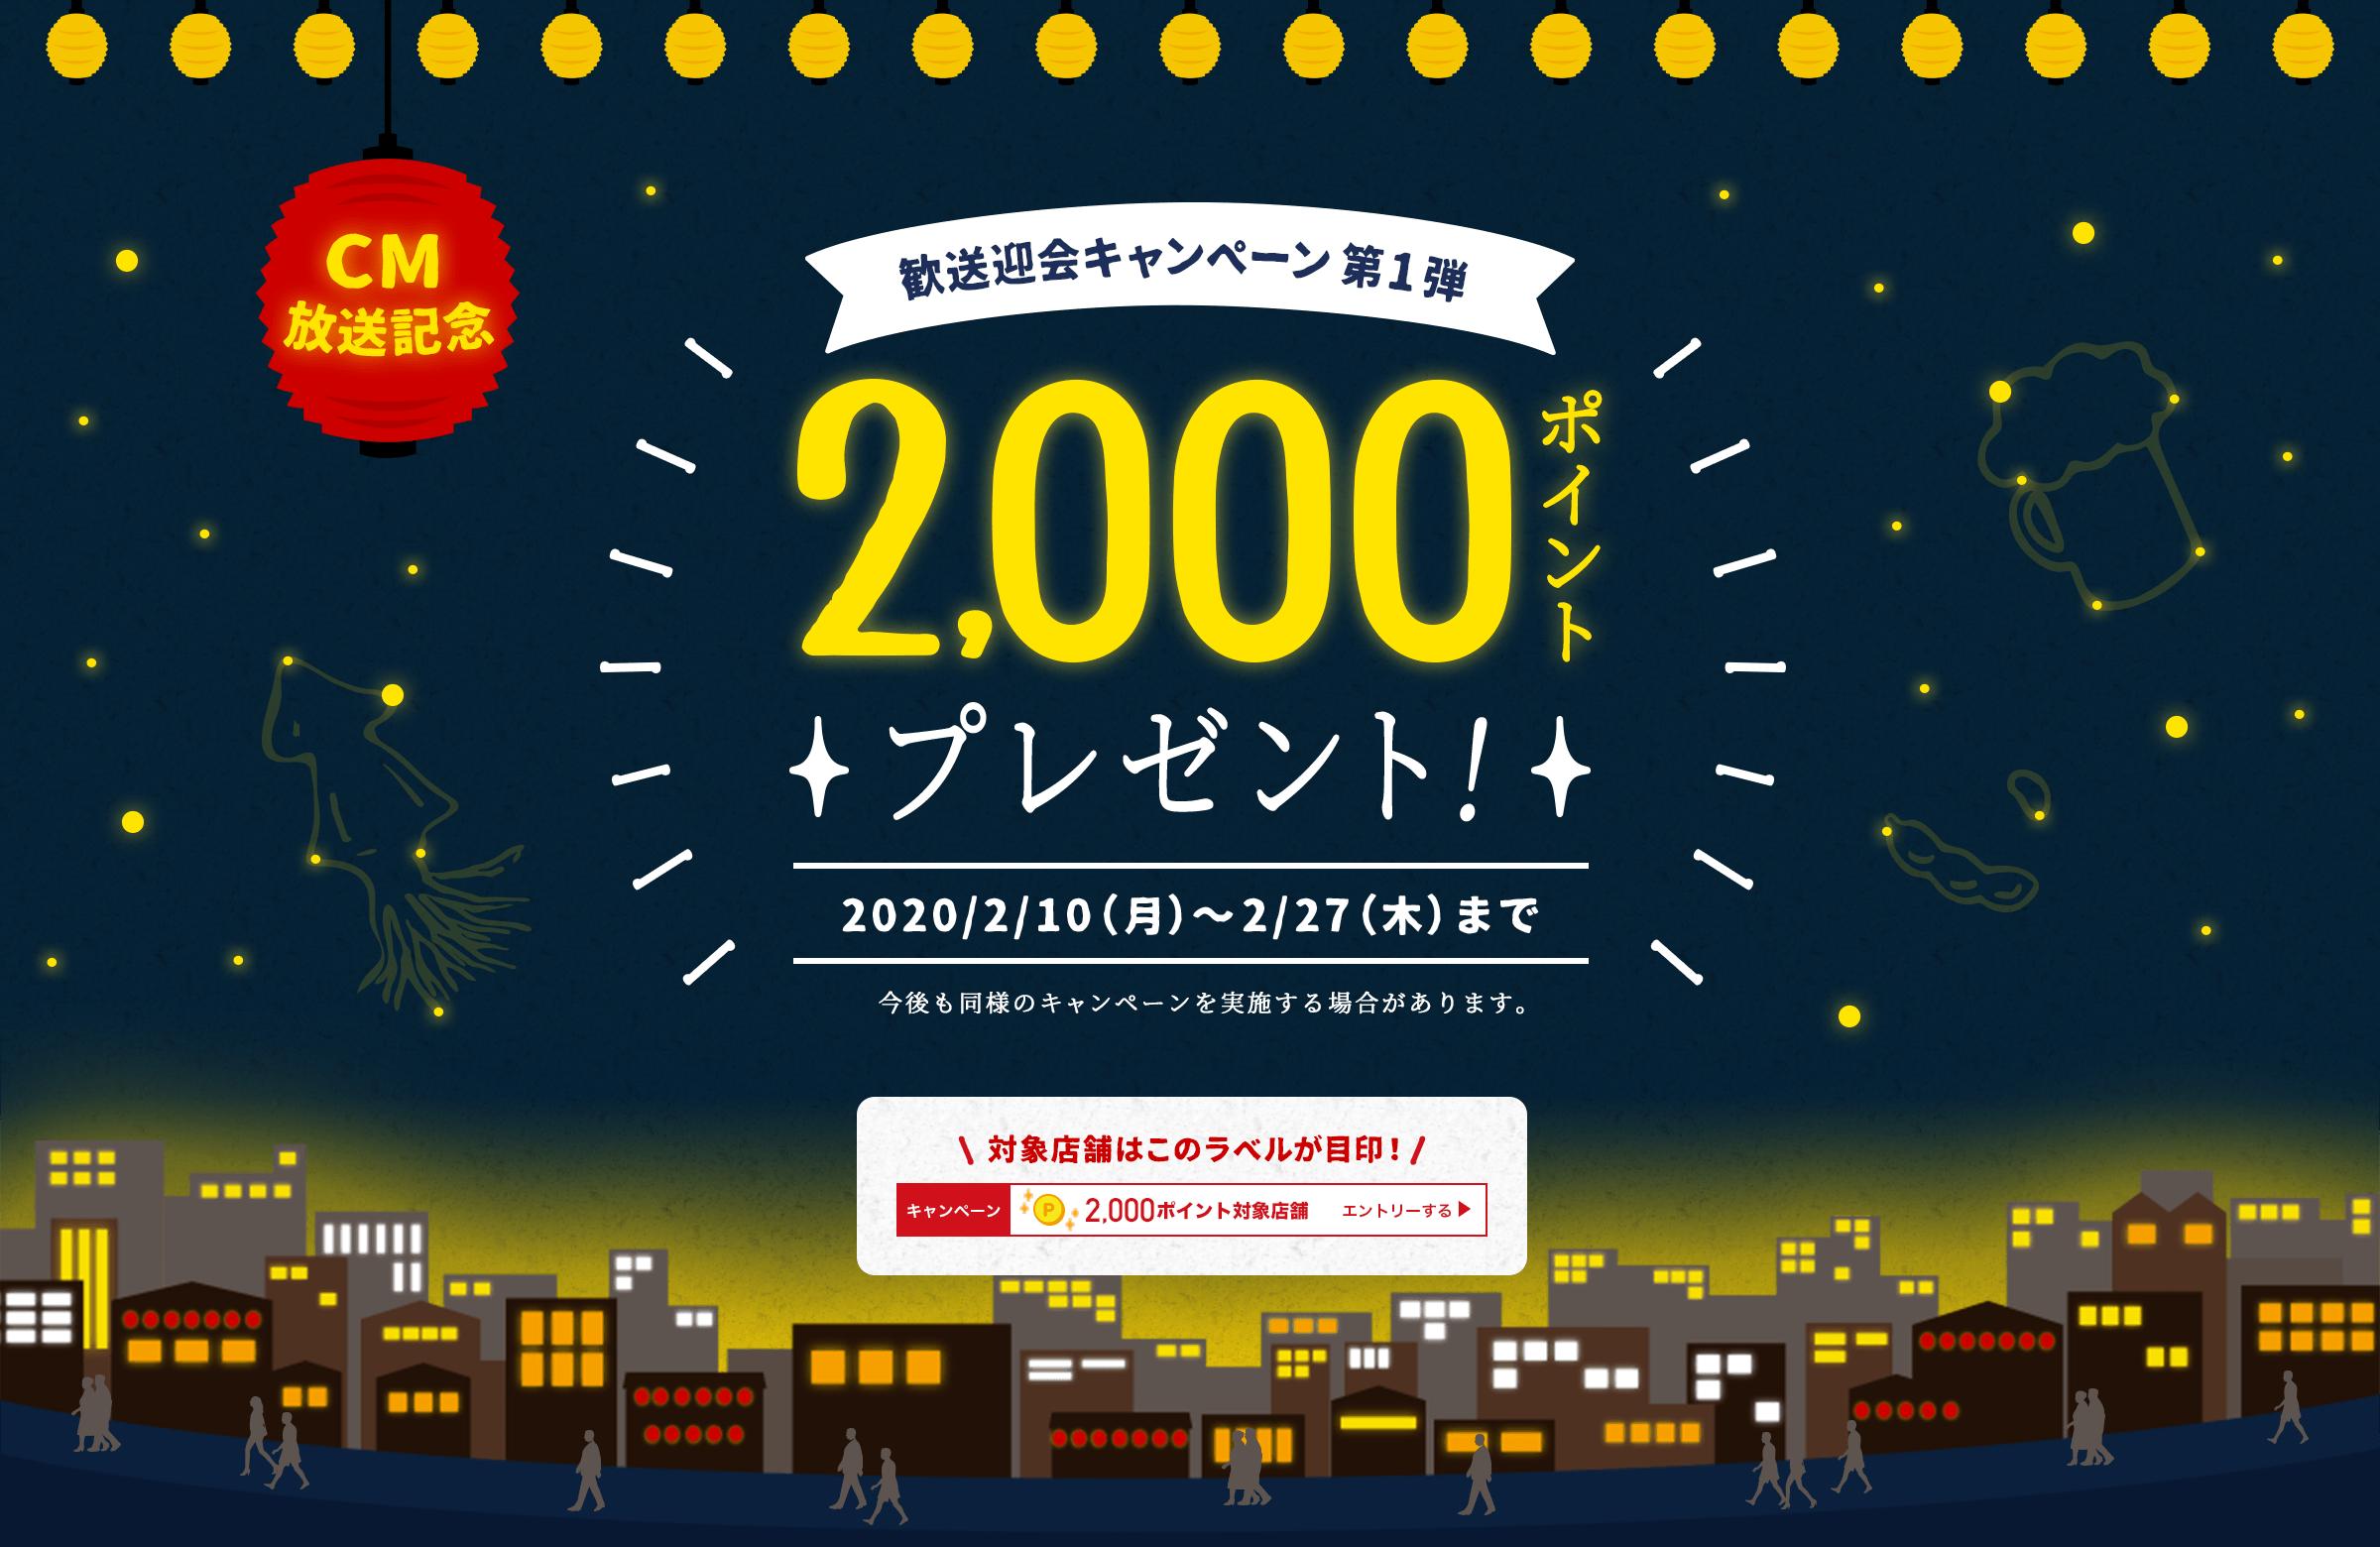 ホットペッパーグルメ歓送迎会キャンペーン第1弾!対象店舗なら!2,000ポイントプレゼント!